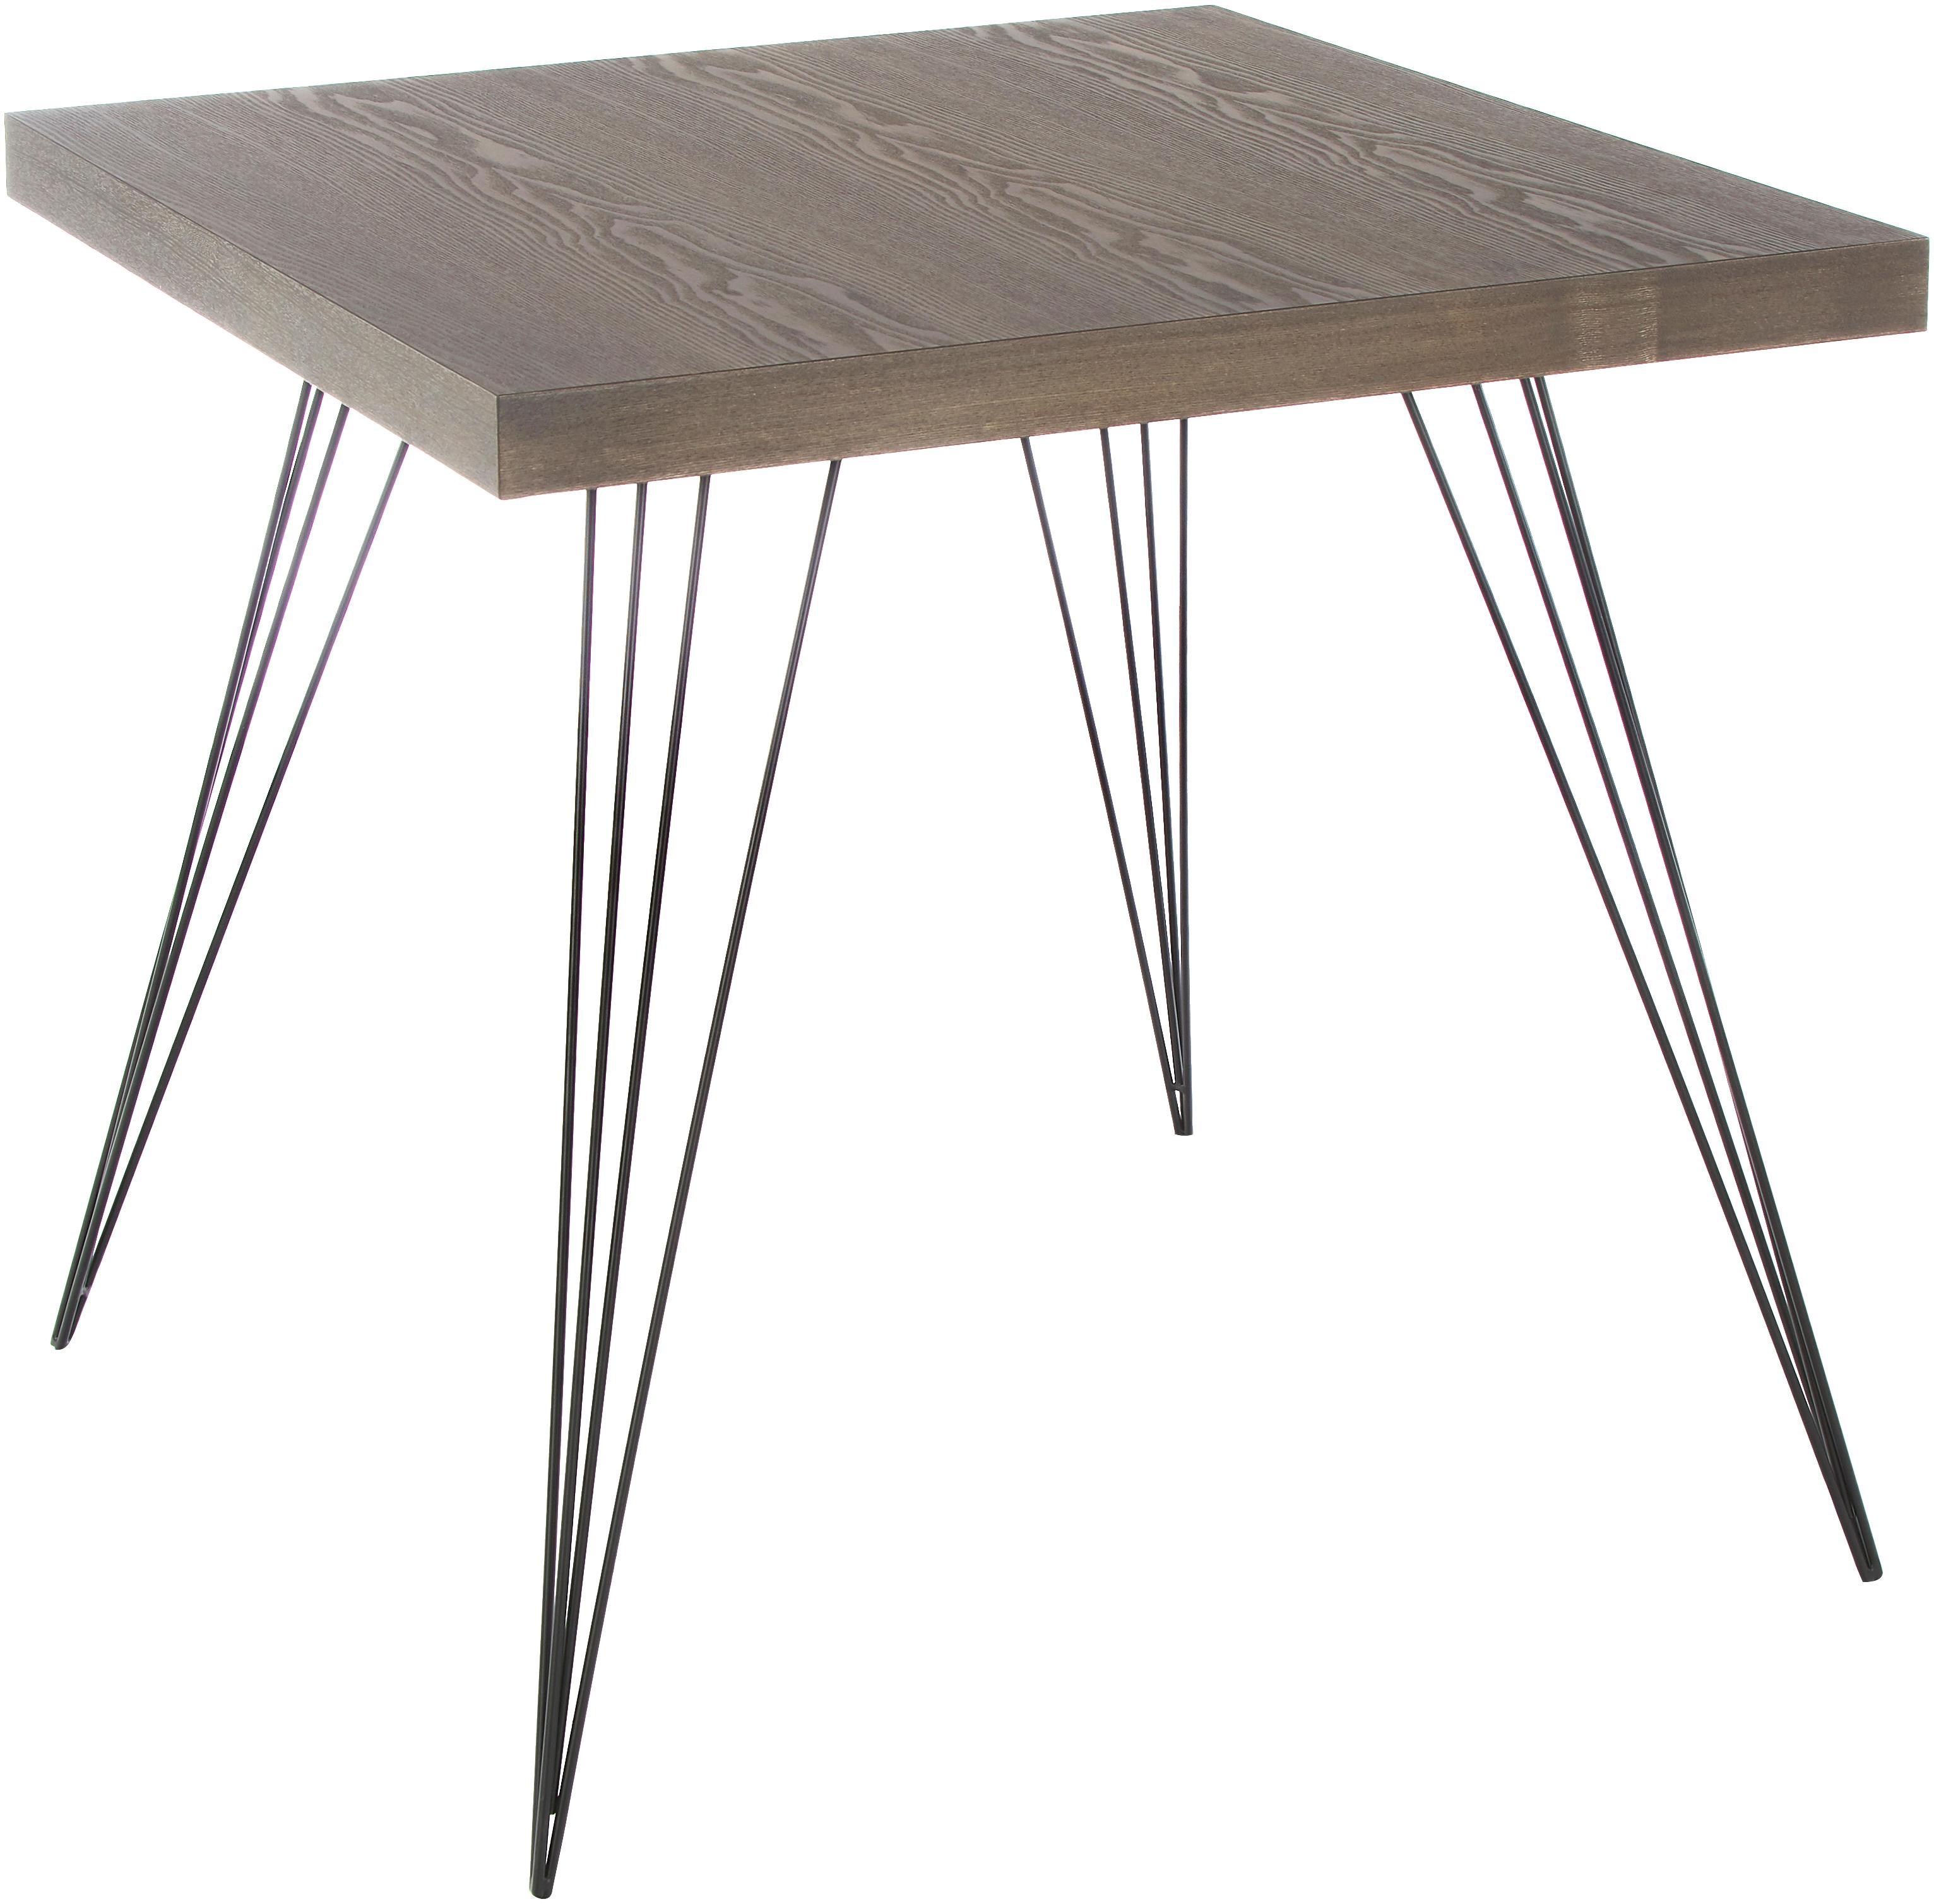 Mały stół do jadalni z nogami z metalu Wolcott, Blat: płyta pilśniowa o średnie, Nogi: żeliwo lakierowane, Ciemnybrązowy, czarny, S 80 x G 80 cm